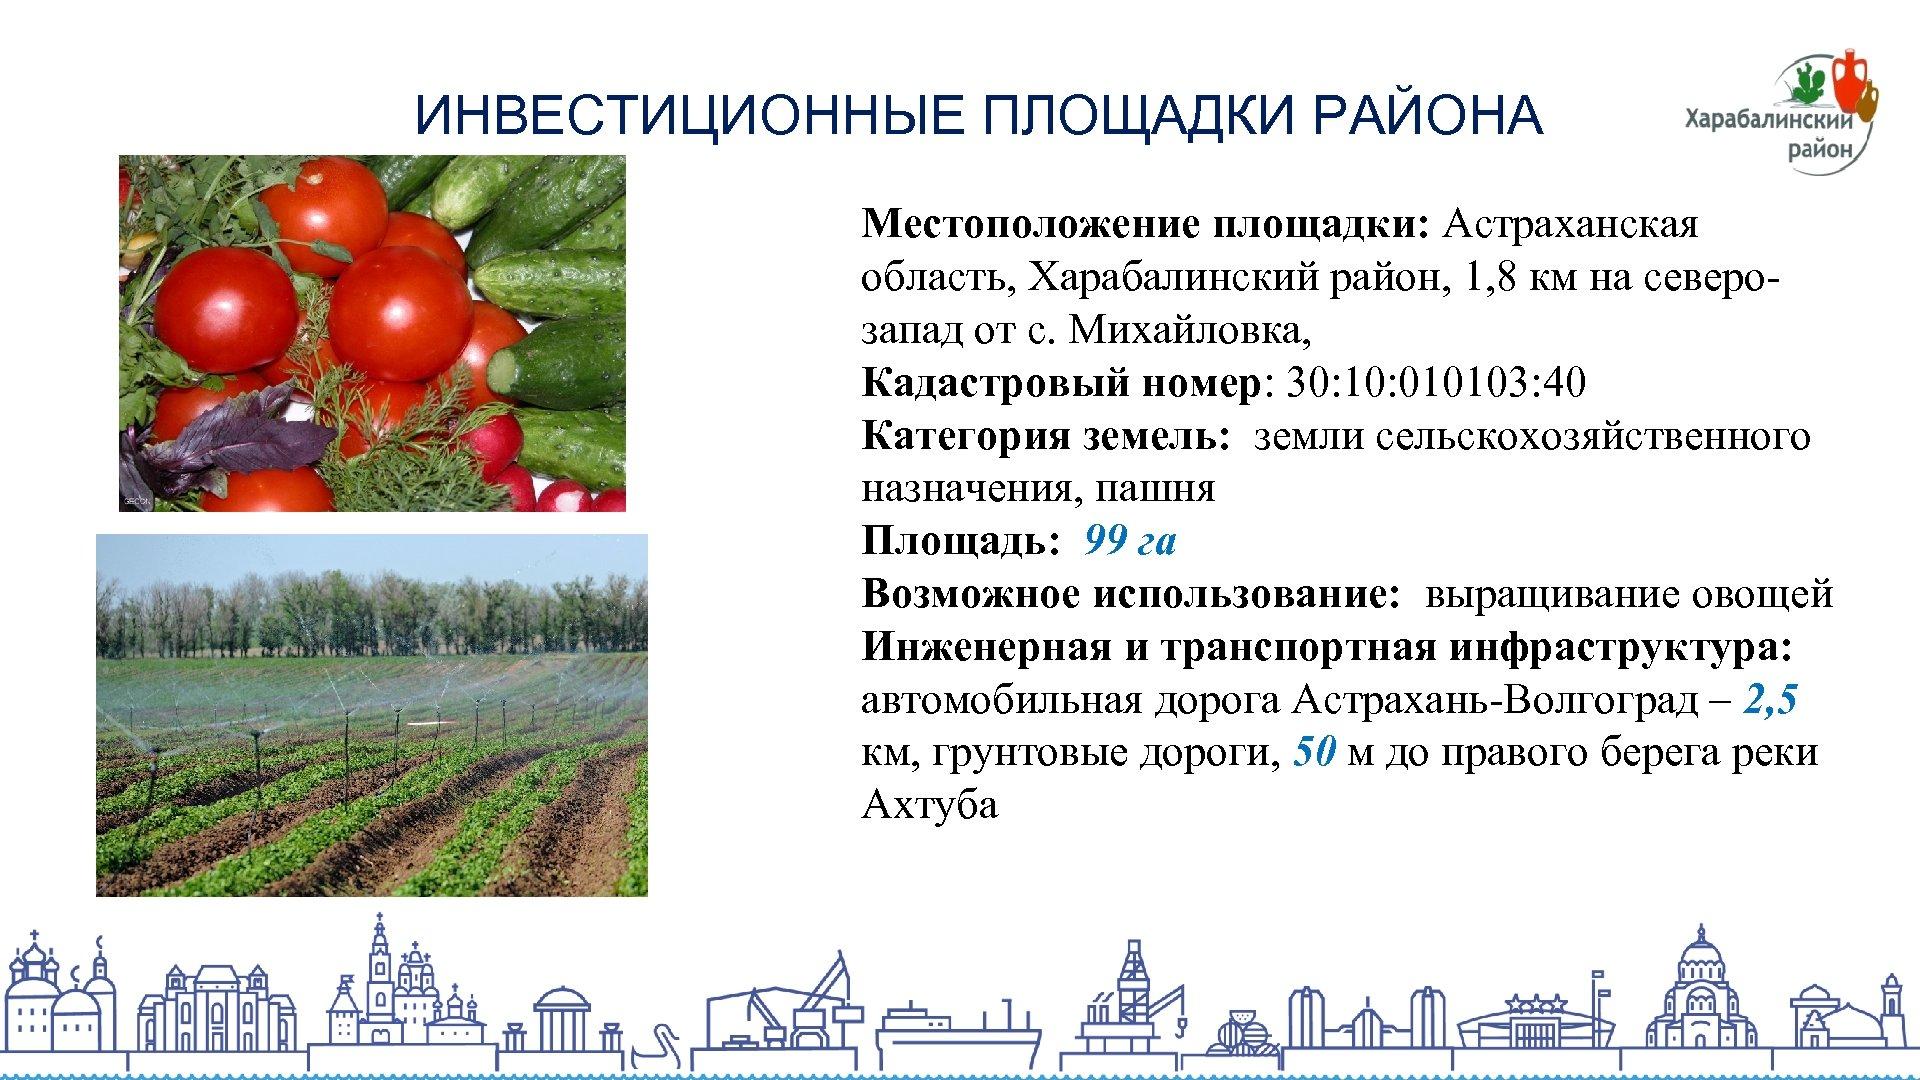 ИНВЕСТИЦИОННЫЕ ПЛОЩАДКИ РАЙОНА Местоположение площадки: Астраханская область, Харабалинский район, 1, 8 км на северозапад